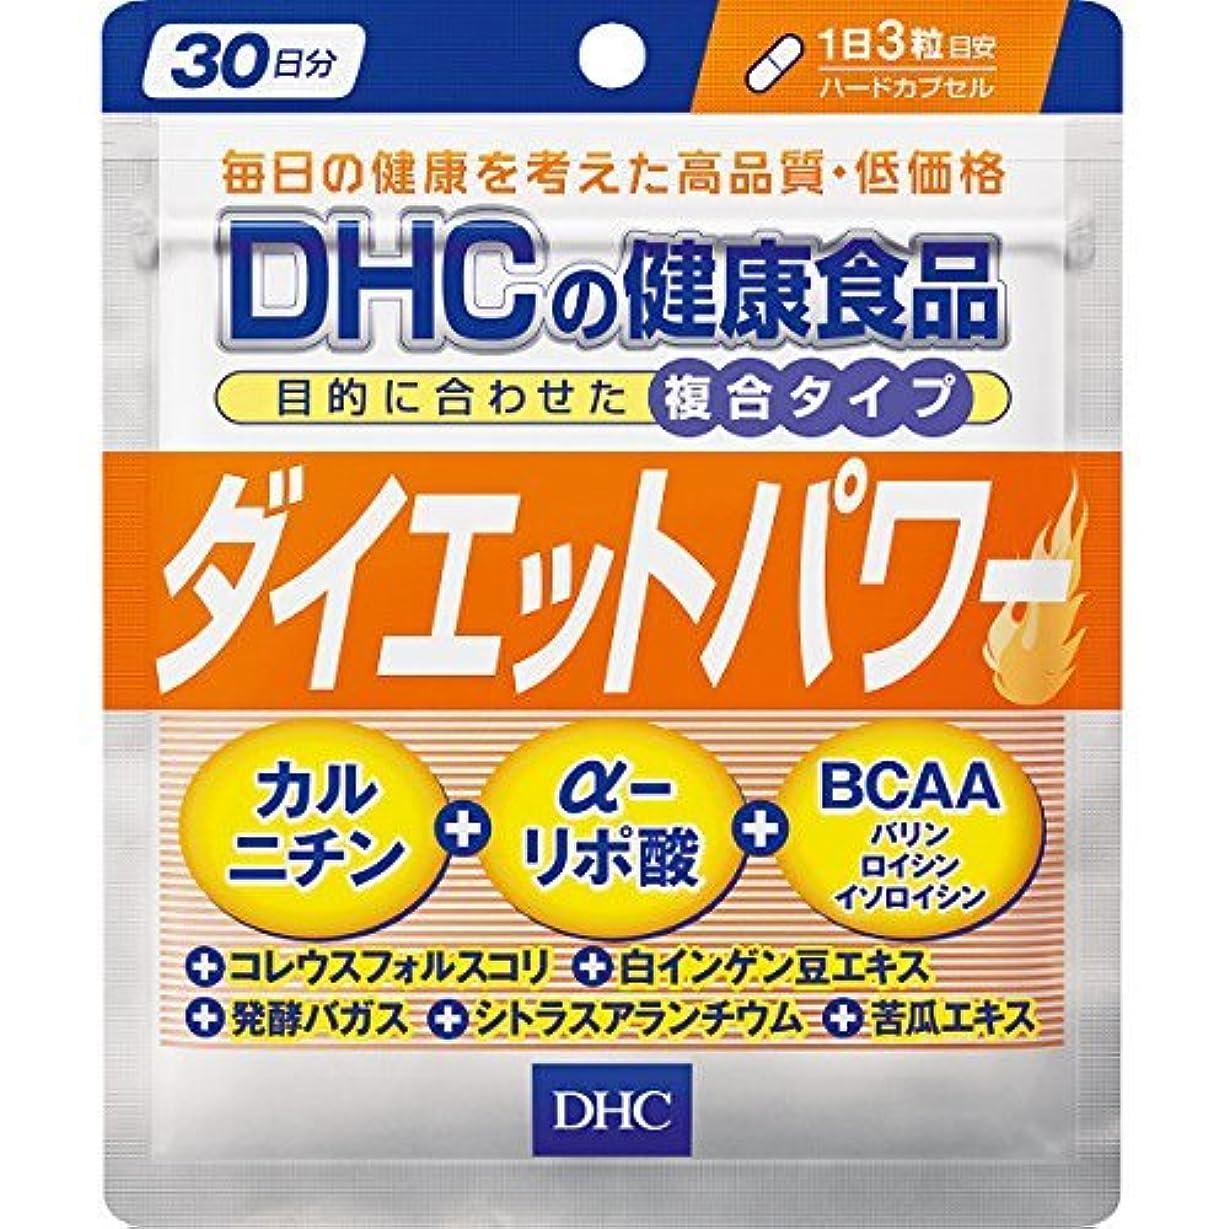 硫黄ベッツィトロットウッド前進DHC ダイエットパワー 30日分